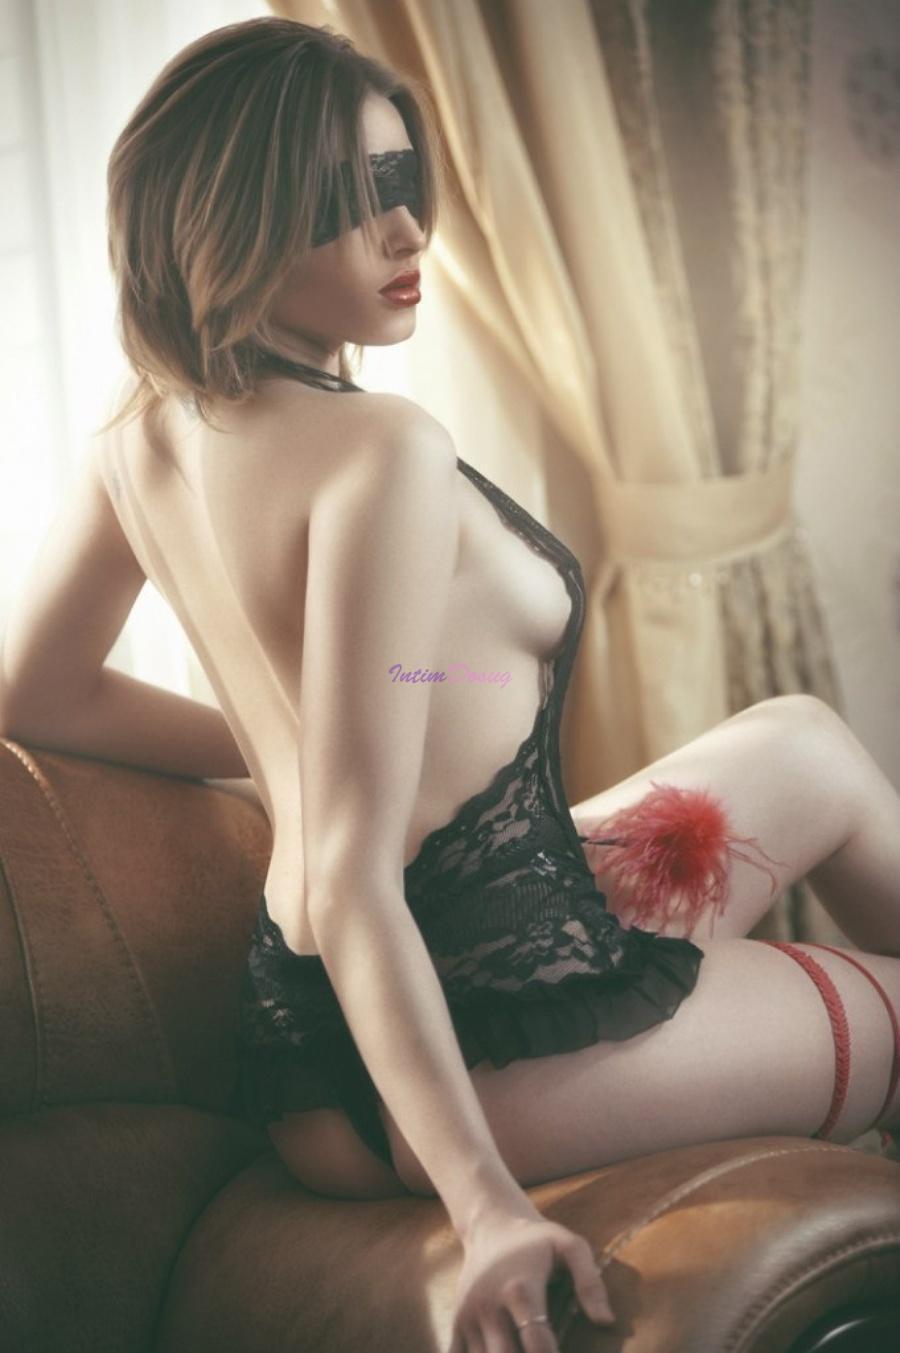 проститутки форум оренбурга